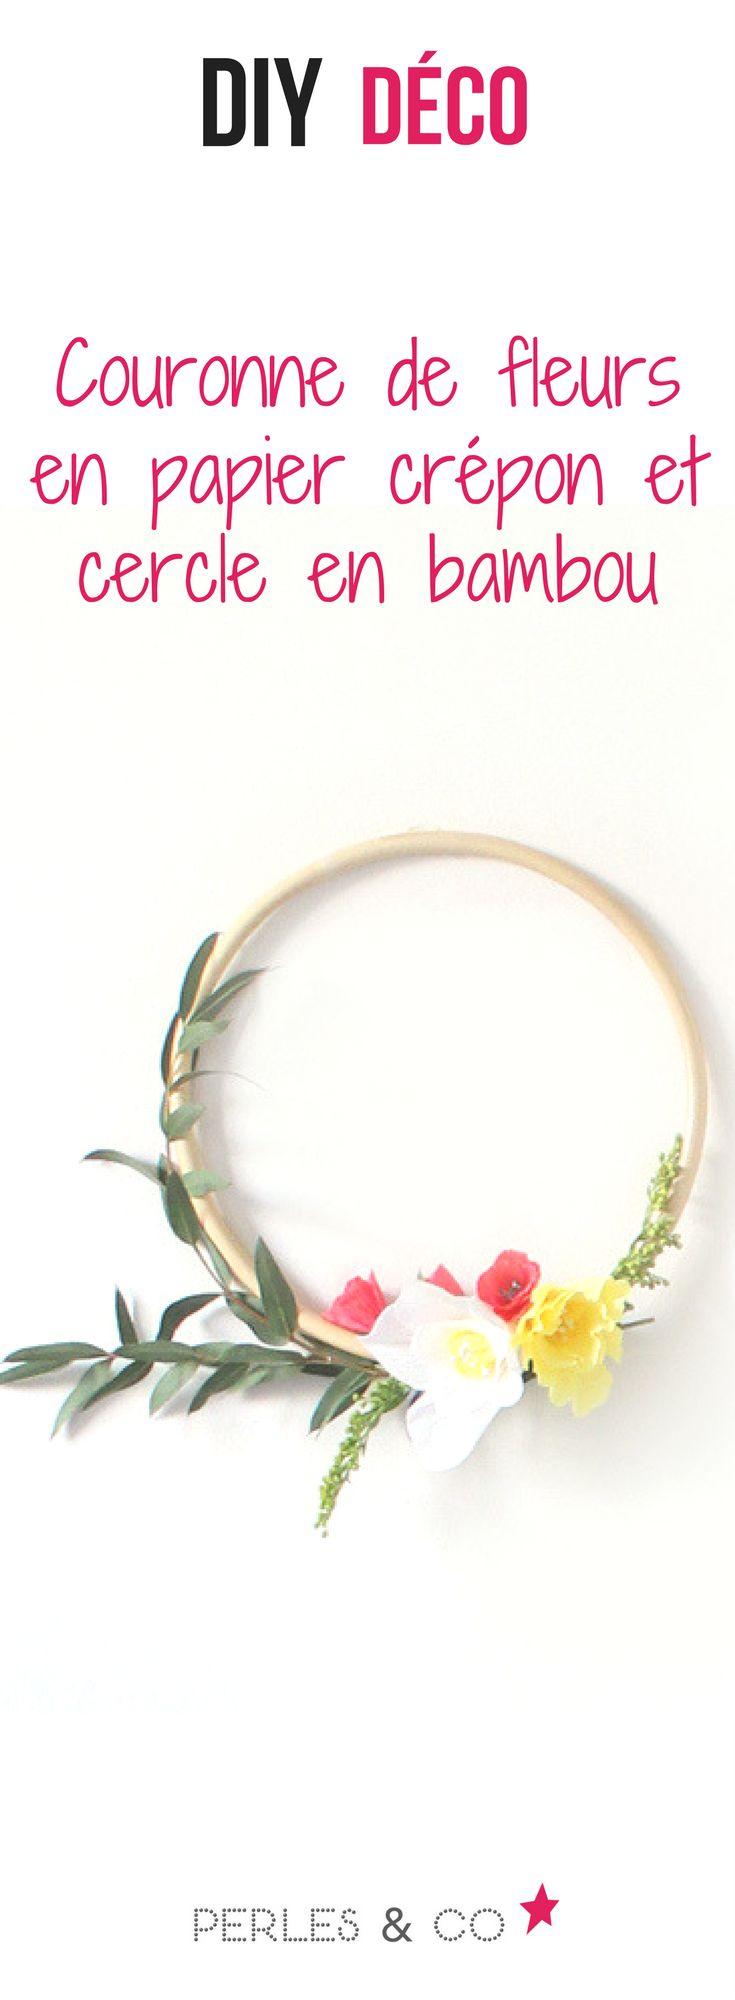 Comment réaliser des fleurs en papier crépon ?   Donnez un air printanier à votre déco avec cette couronne de fleurs murale composée de fleurs en papier crépon, de feuilles d'eucalyptus le tout monté sur un cercle en bambou. #diy #déco #couronne #fleurs #mariage #bohème #fleurs #crépon